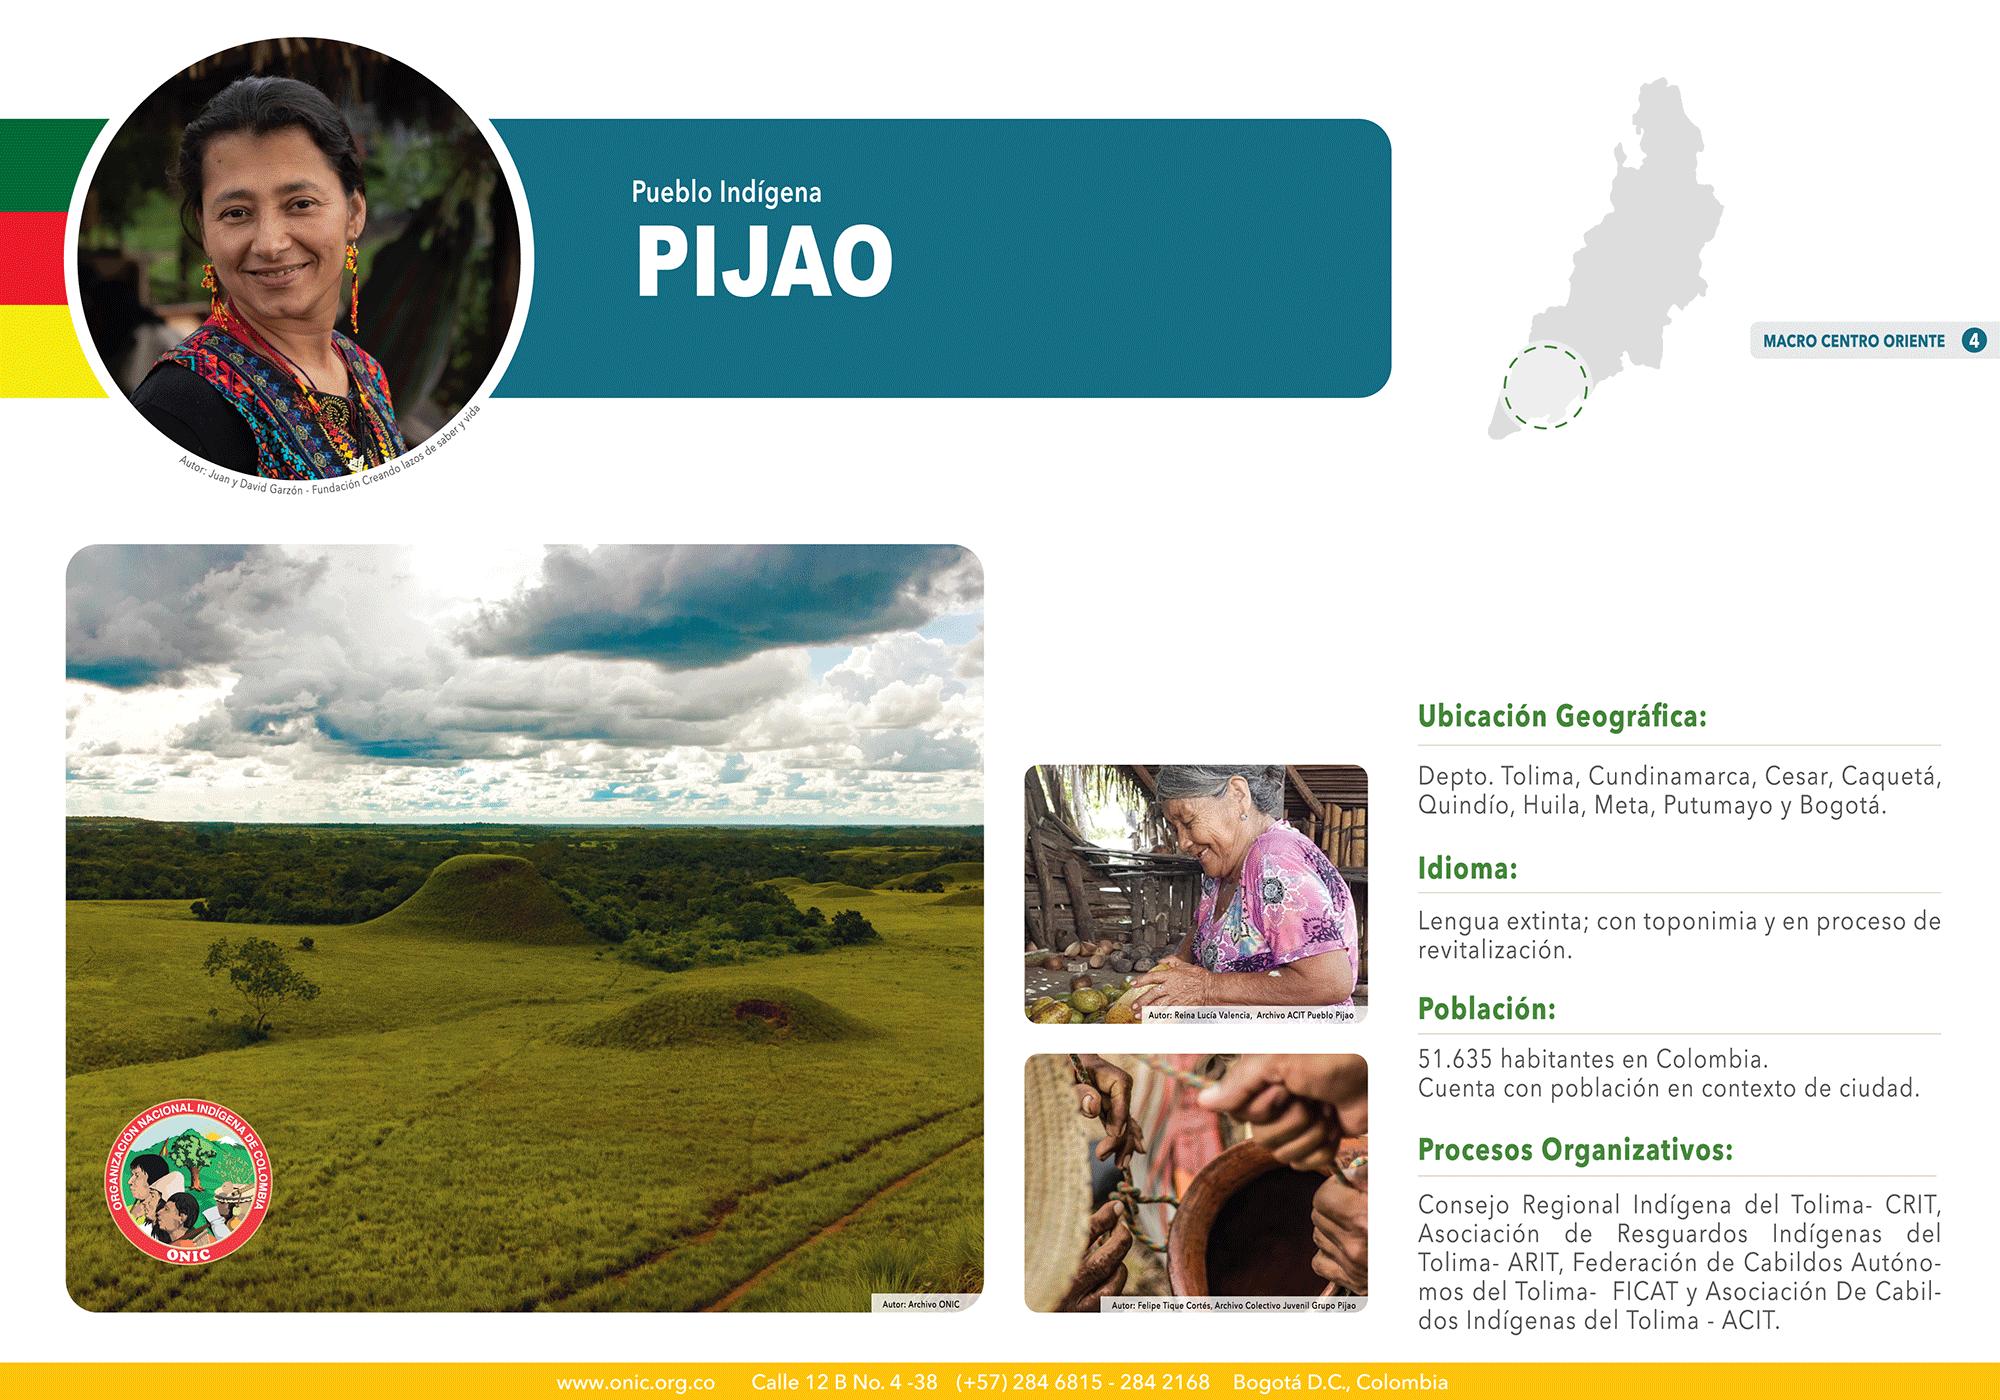 4-PIJAO-FichaDigital-PueblosIndígenas-ONIC-01